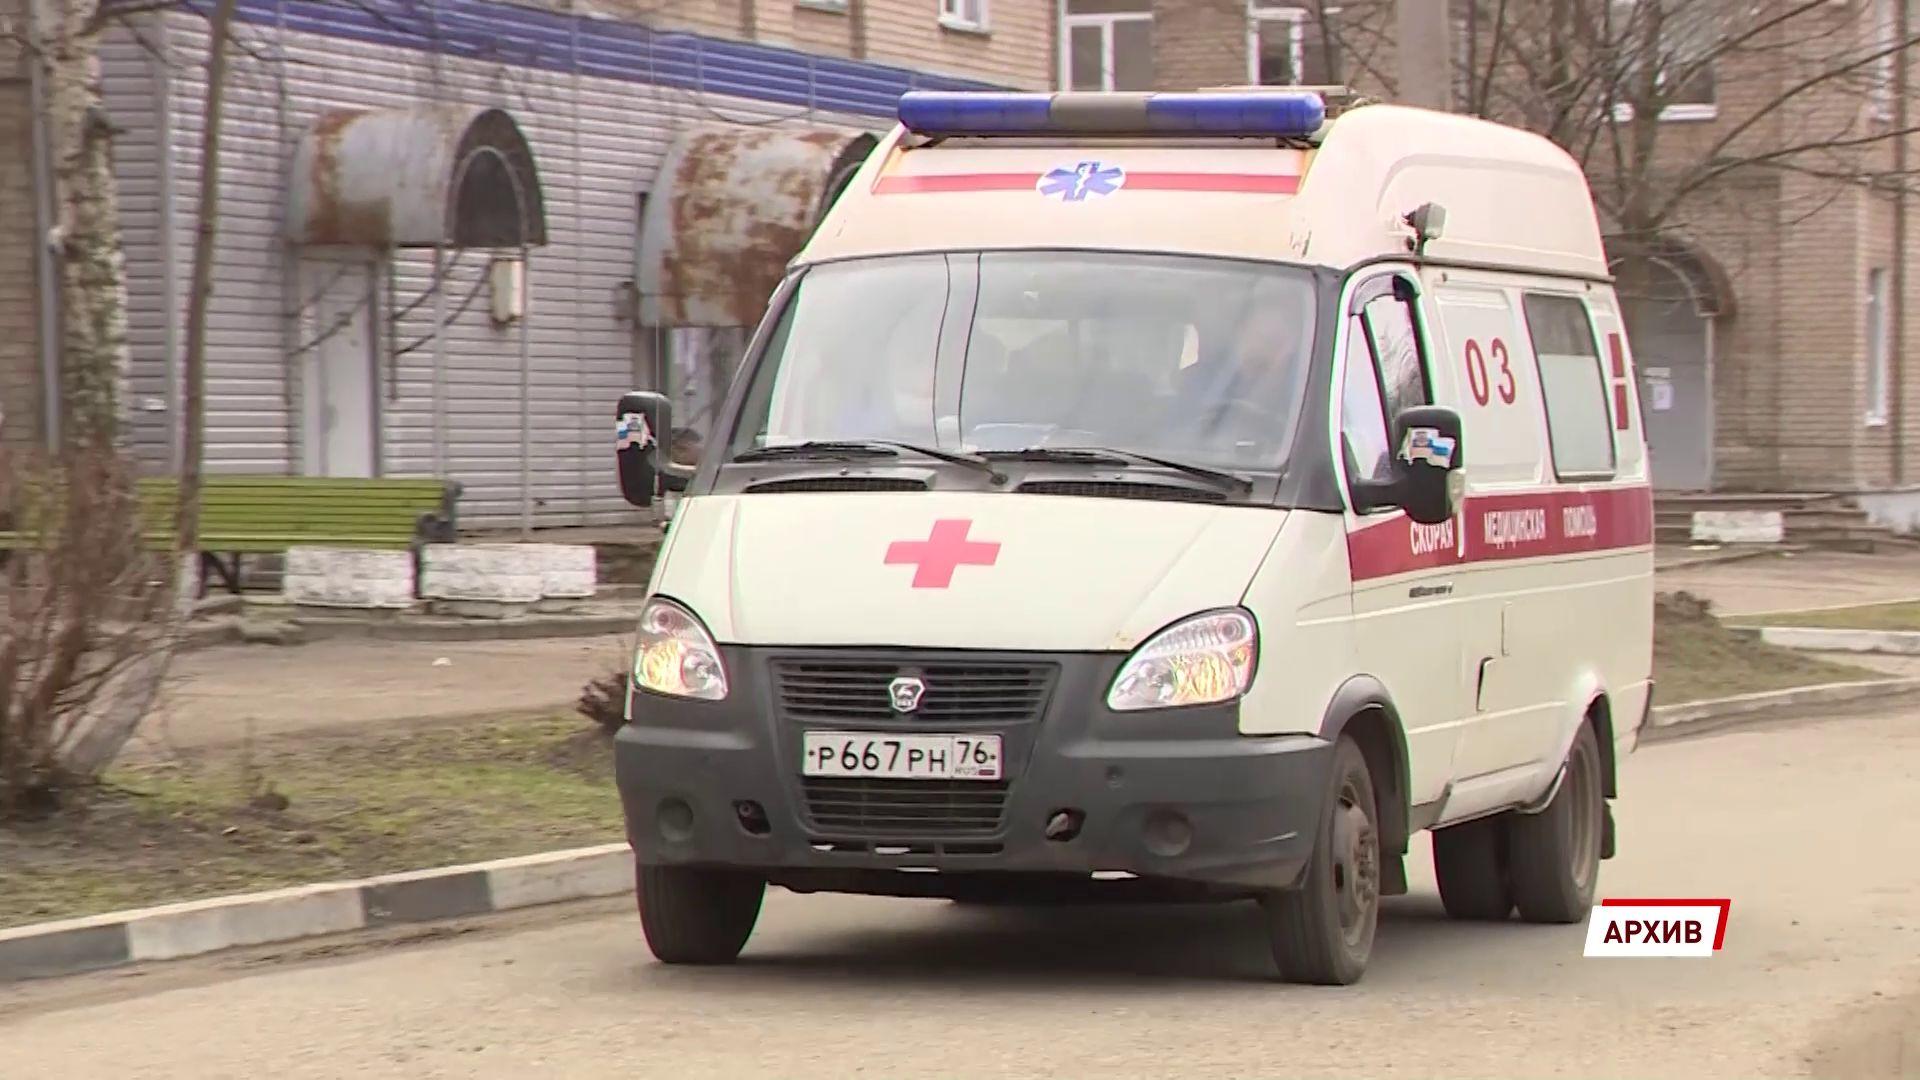 Лечение одного пациента с ковидом обходится до 200 тысяч рублей